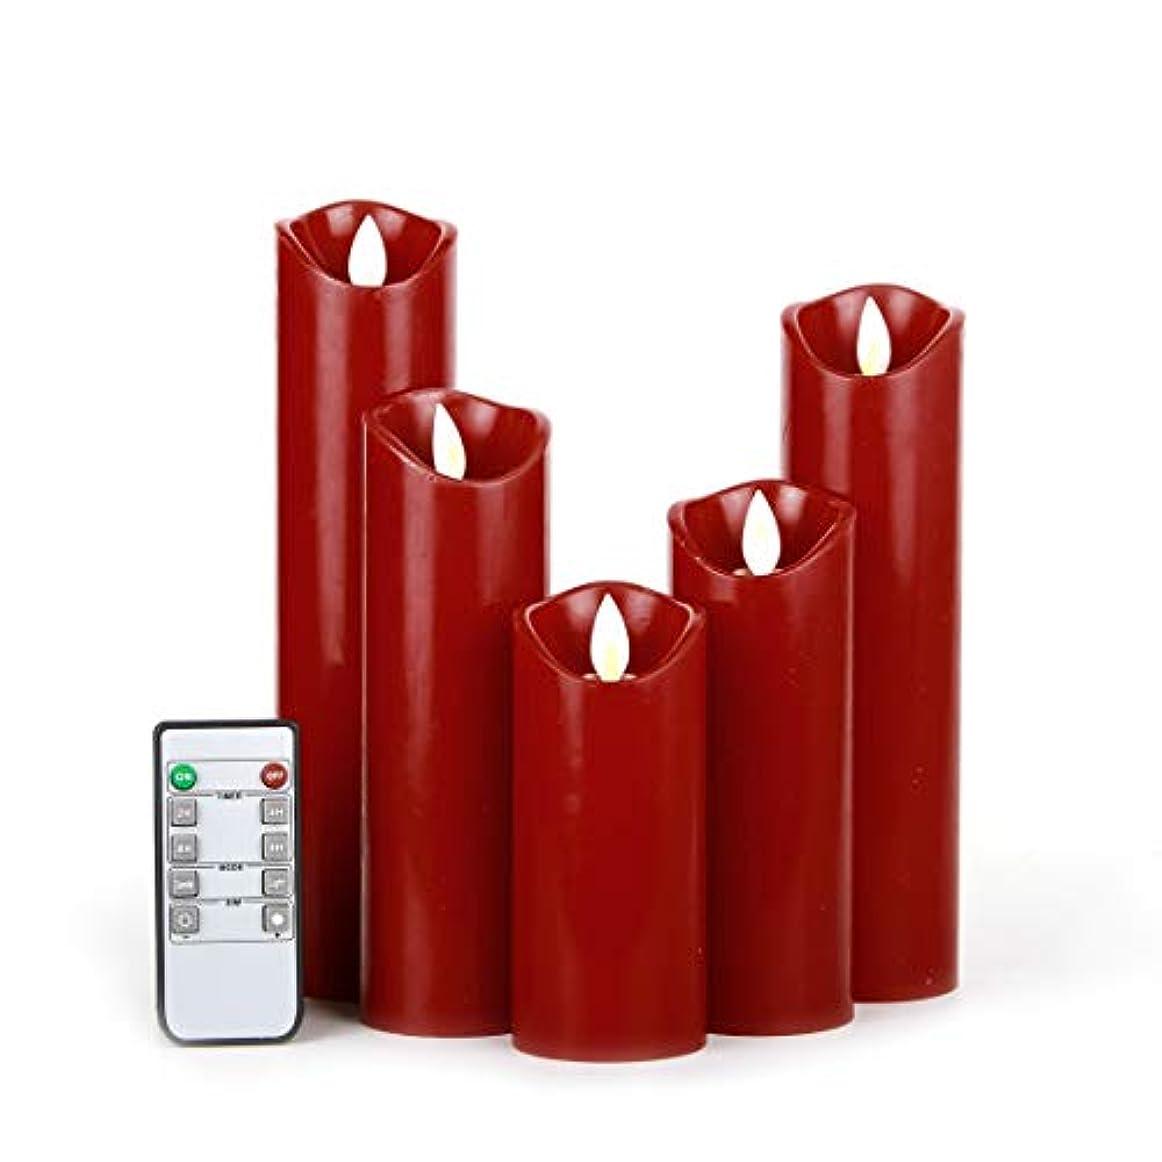 耕す立場私達Kitch Aroma 揺らぐ炎 LED フレイムレスキャンドル led キャンドルライト リモコン専用リモコン付き自動消灯タイマー 癒し 雰囲気 (5点セット) ローズレッド